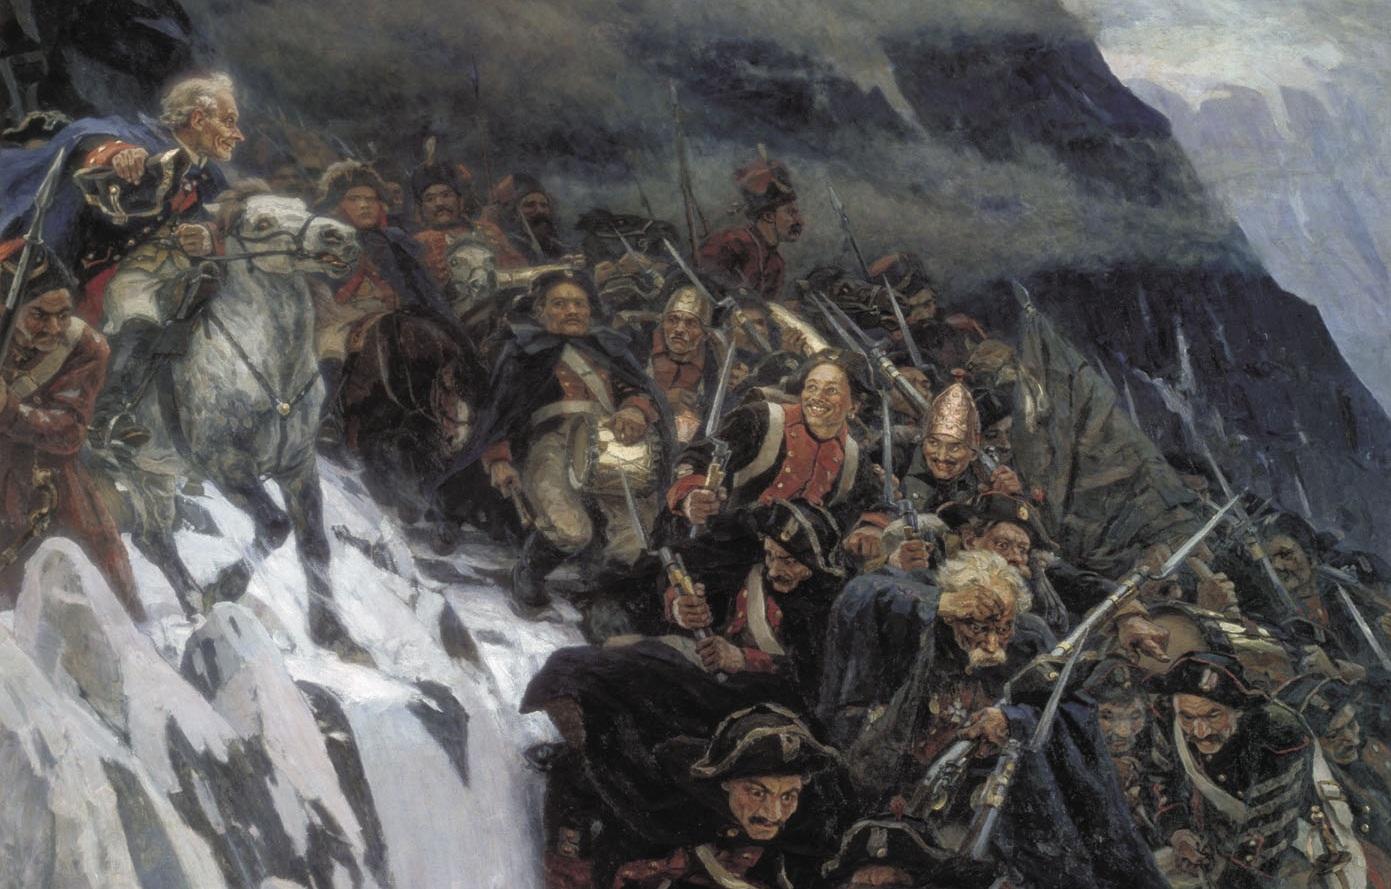 Василий СУРИКОВ (1848-1916). Переход Суворова через Альпы в 1799 году. 1899